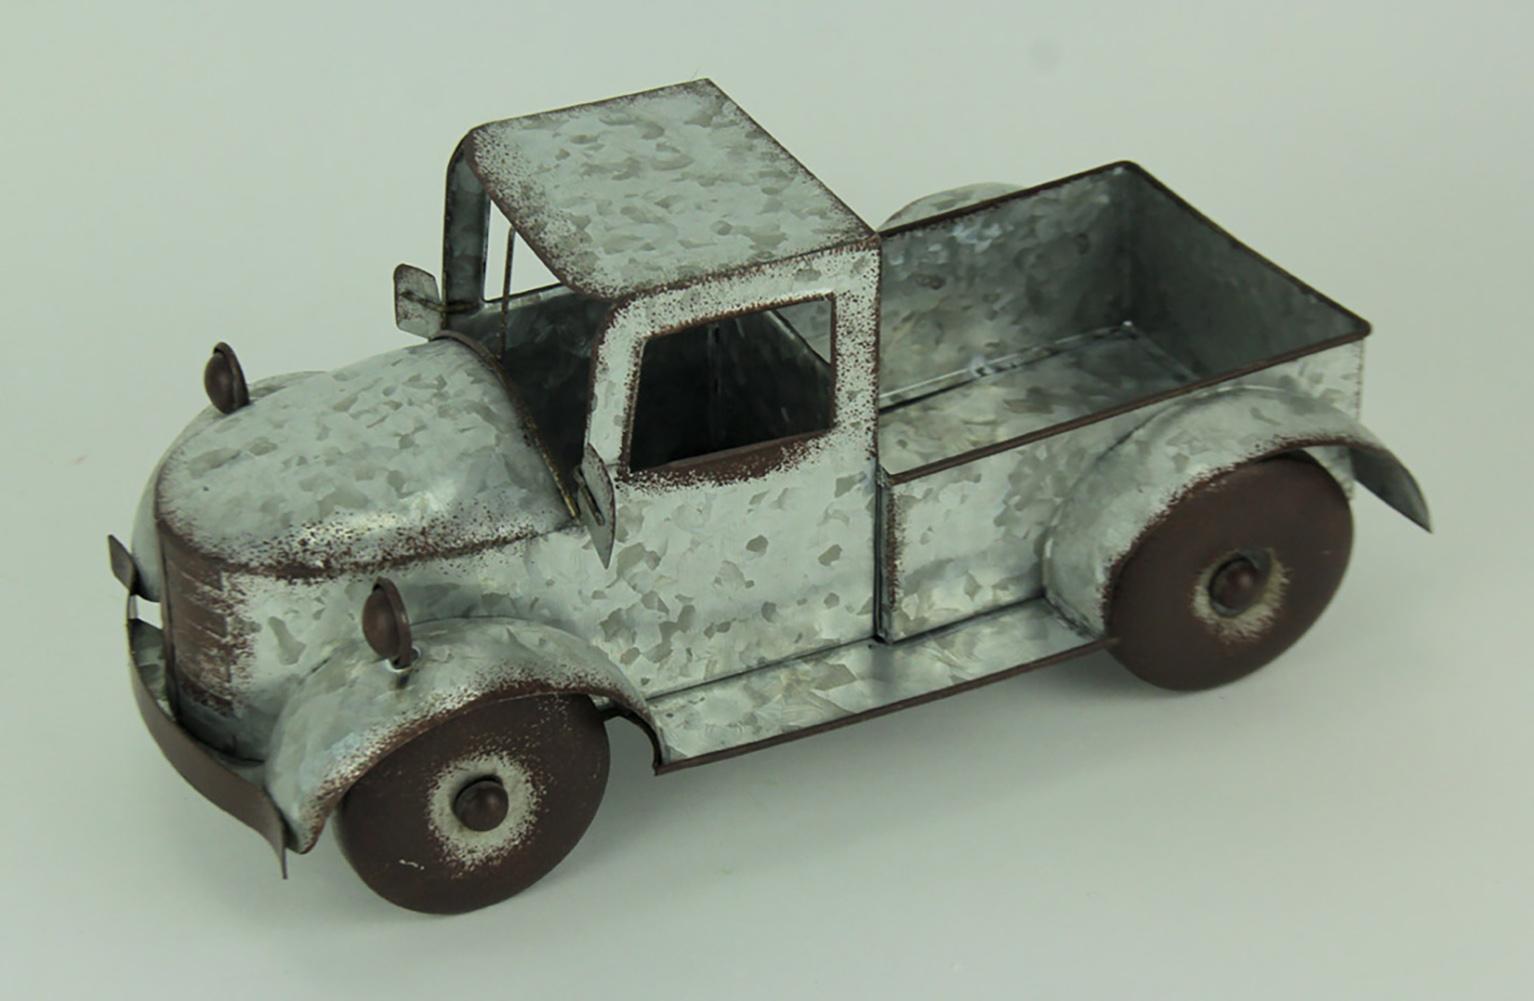 thumbnail 11 - Zeckos Rustic Metal Antique Truck Indoor or Outdoor Planter